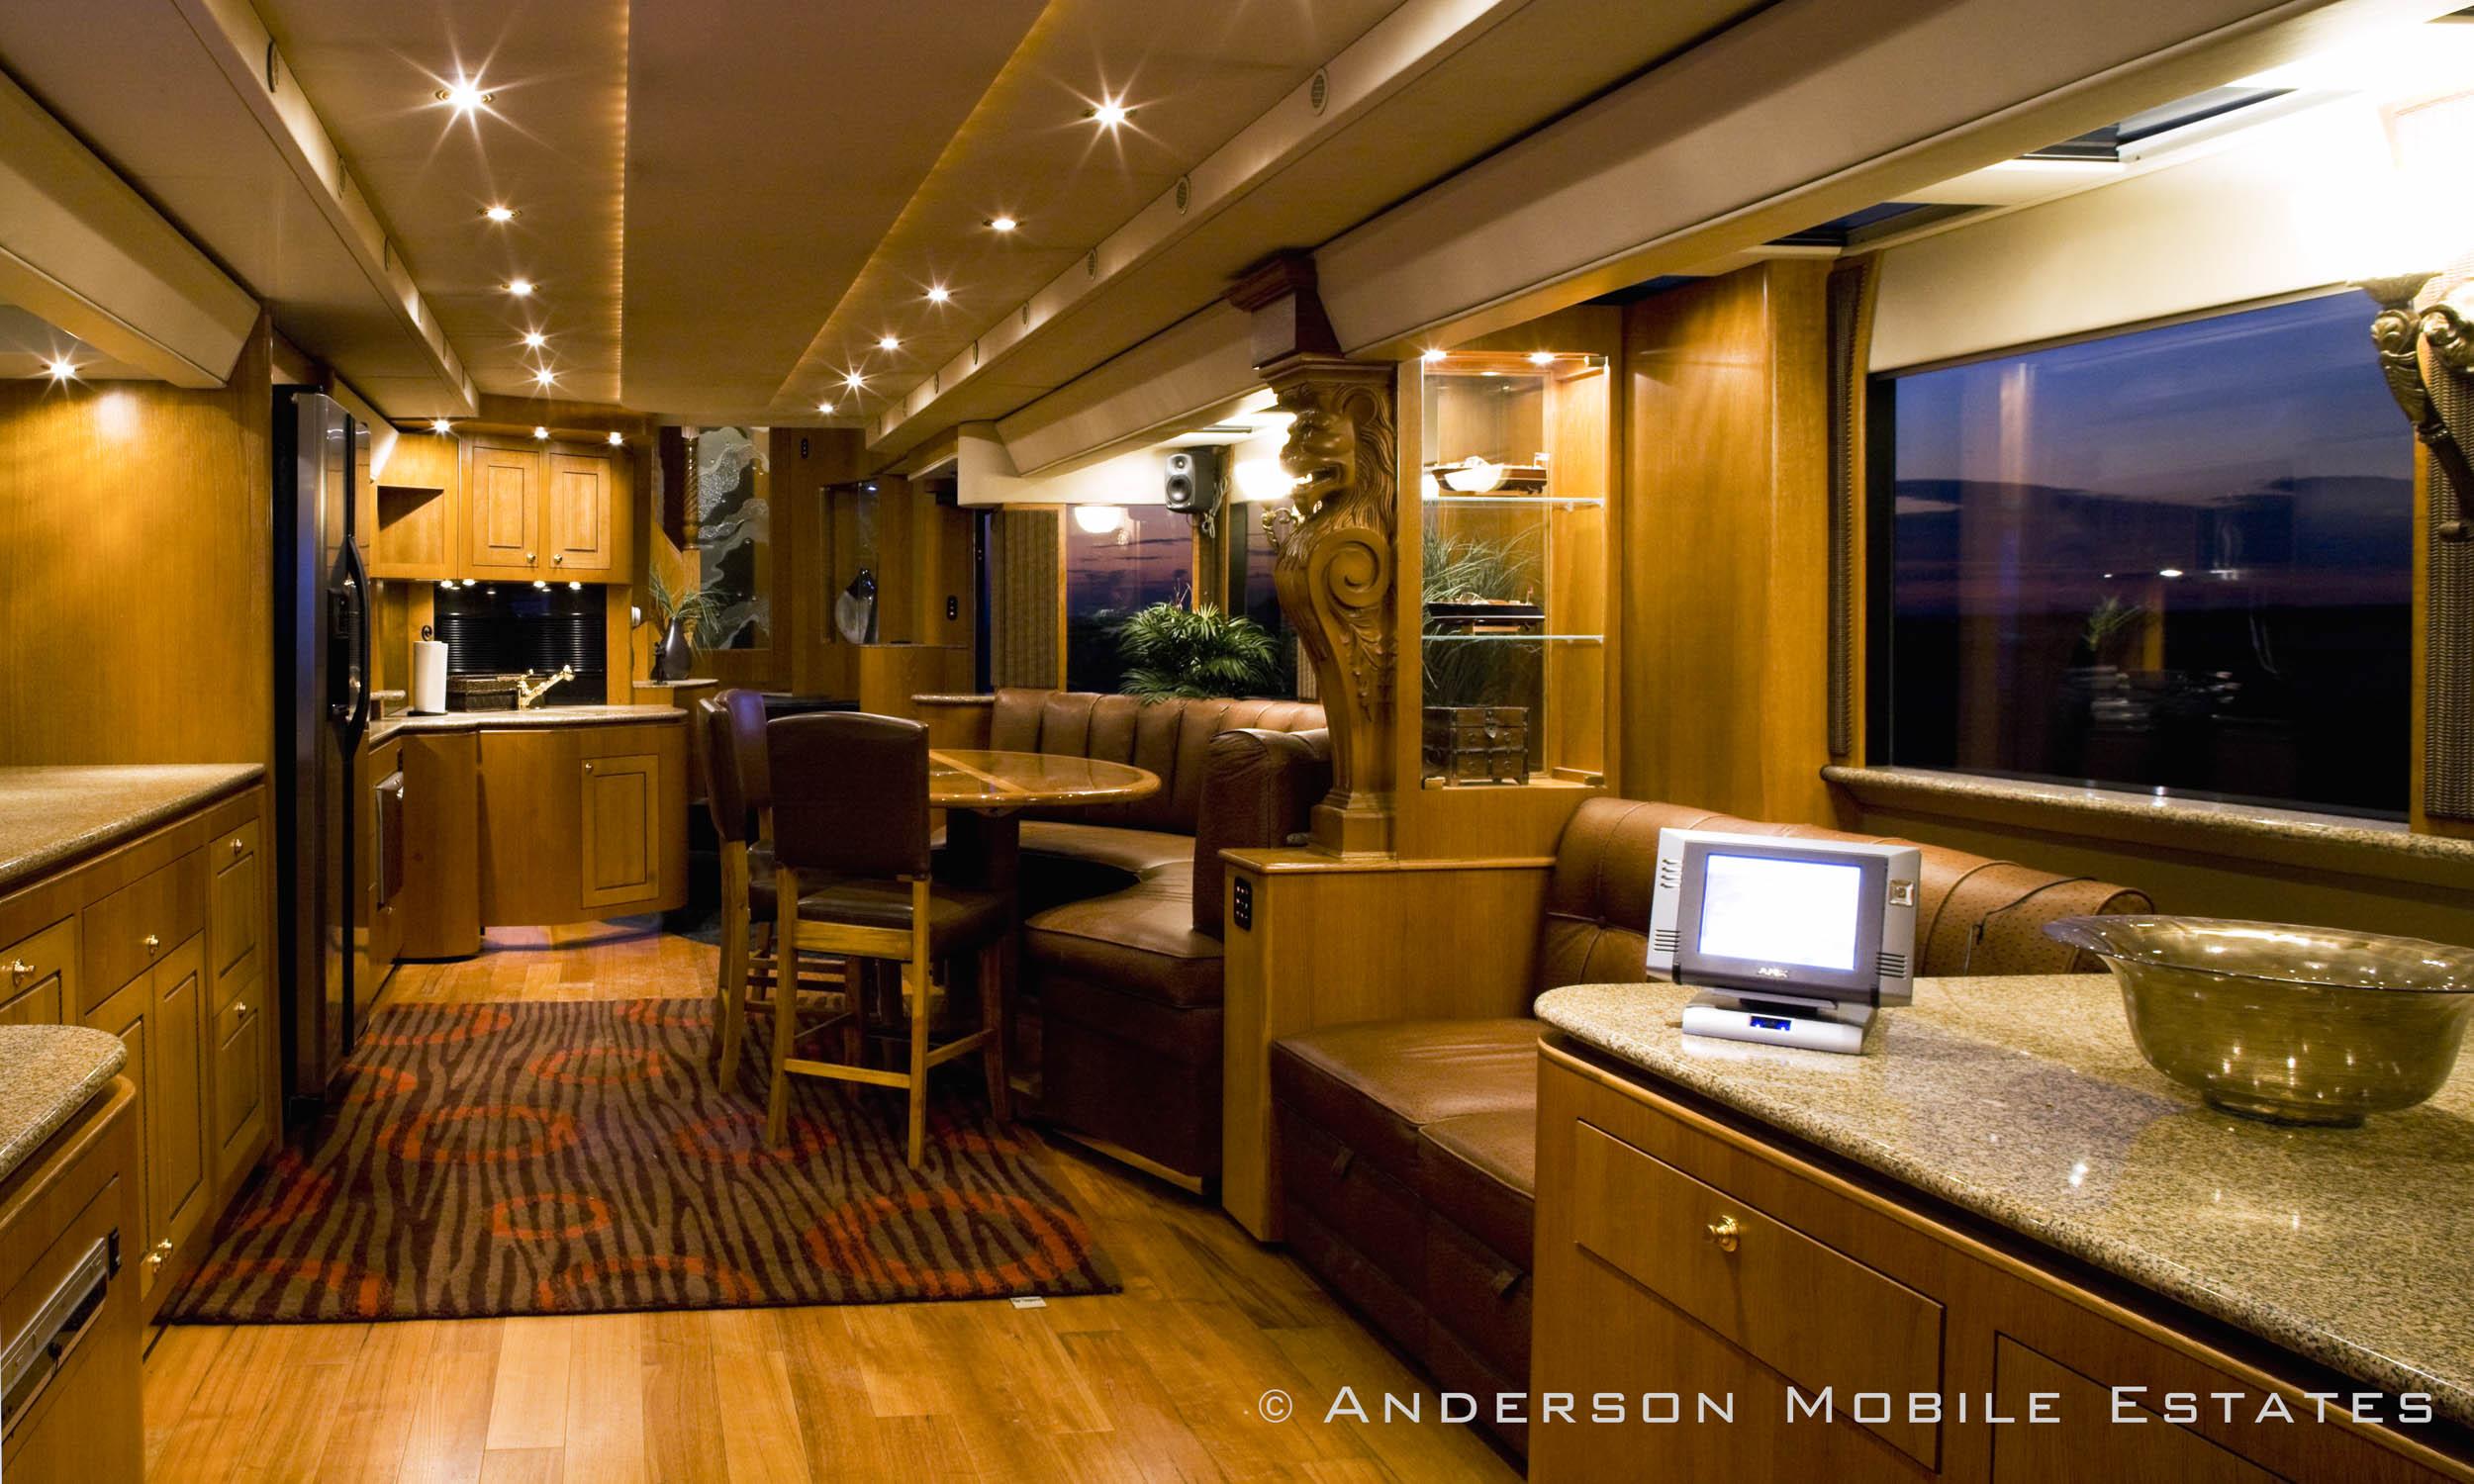 © Anderson Mobile Estates